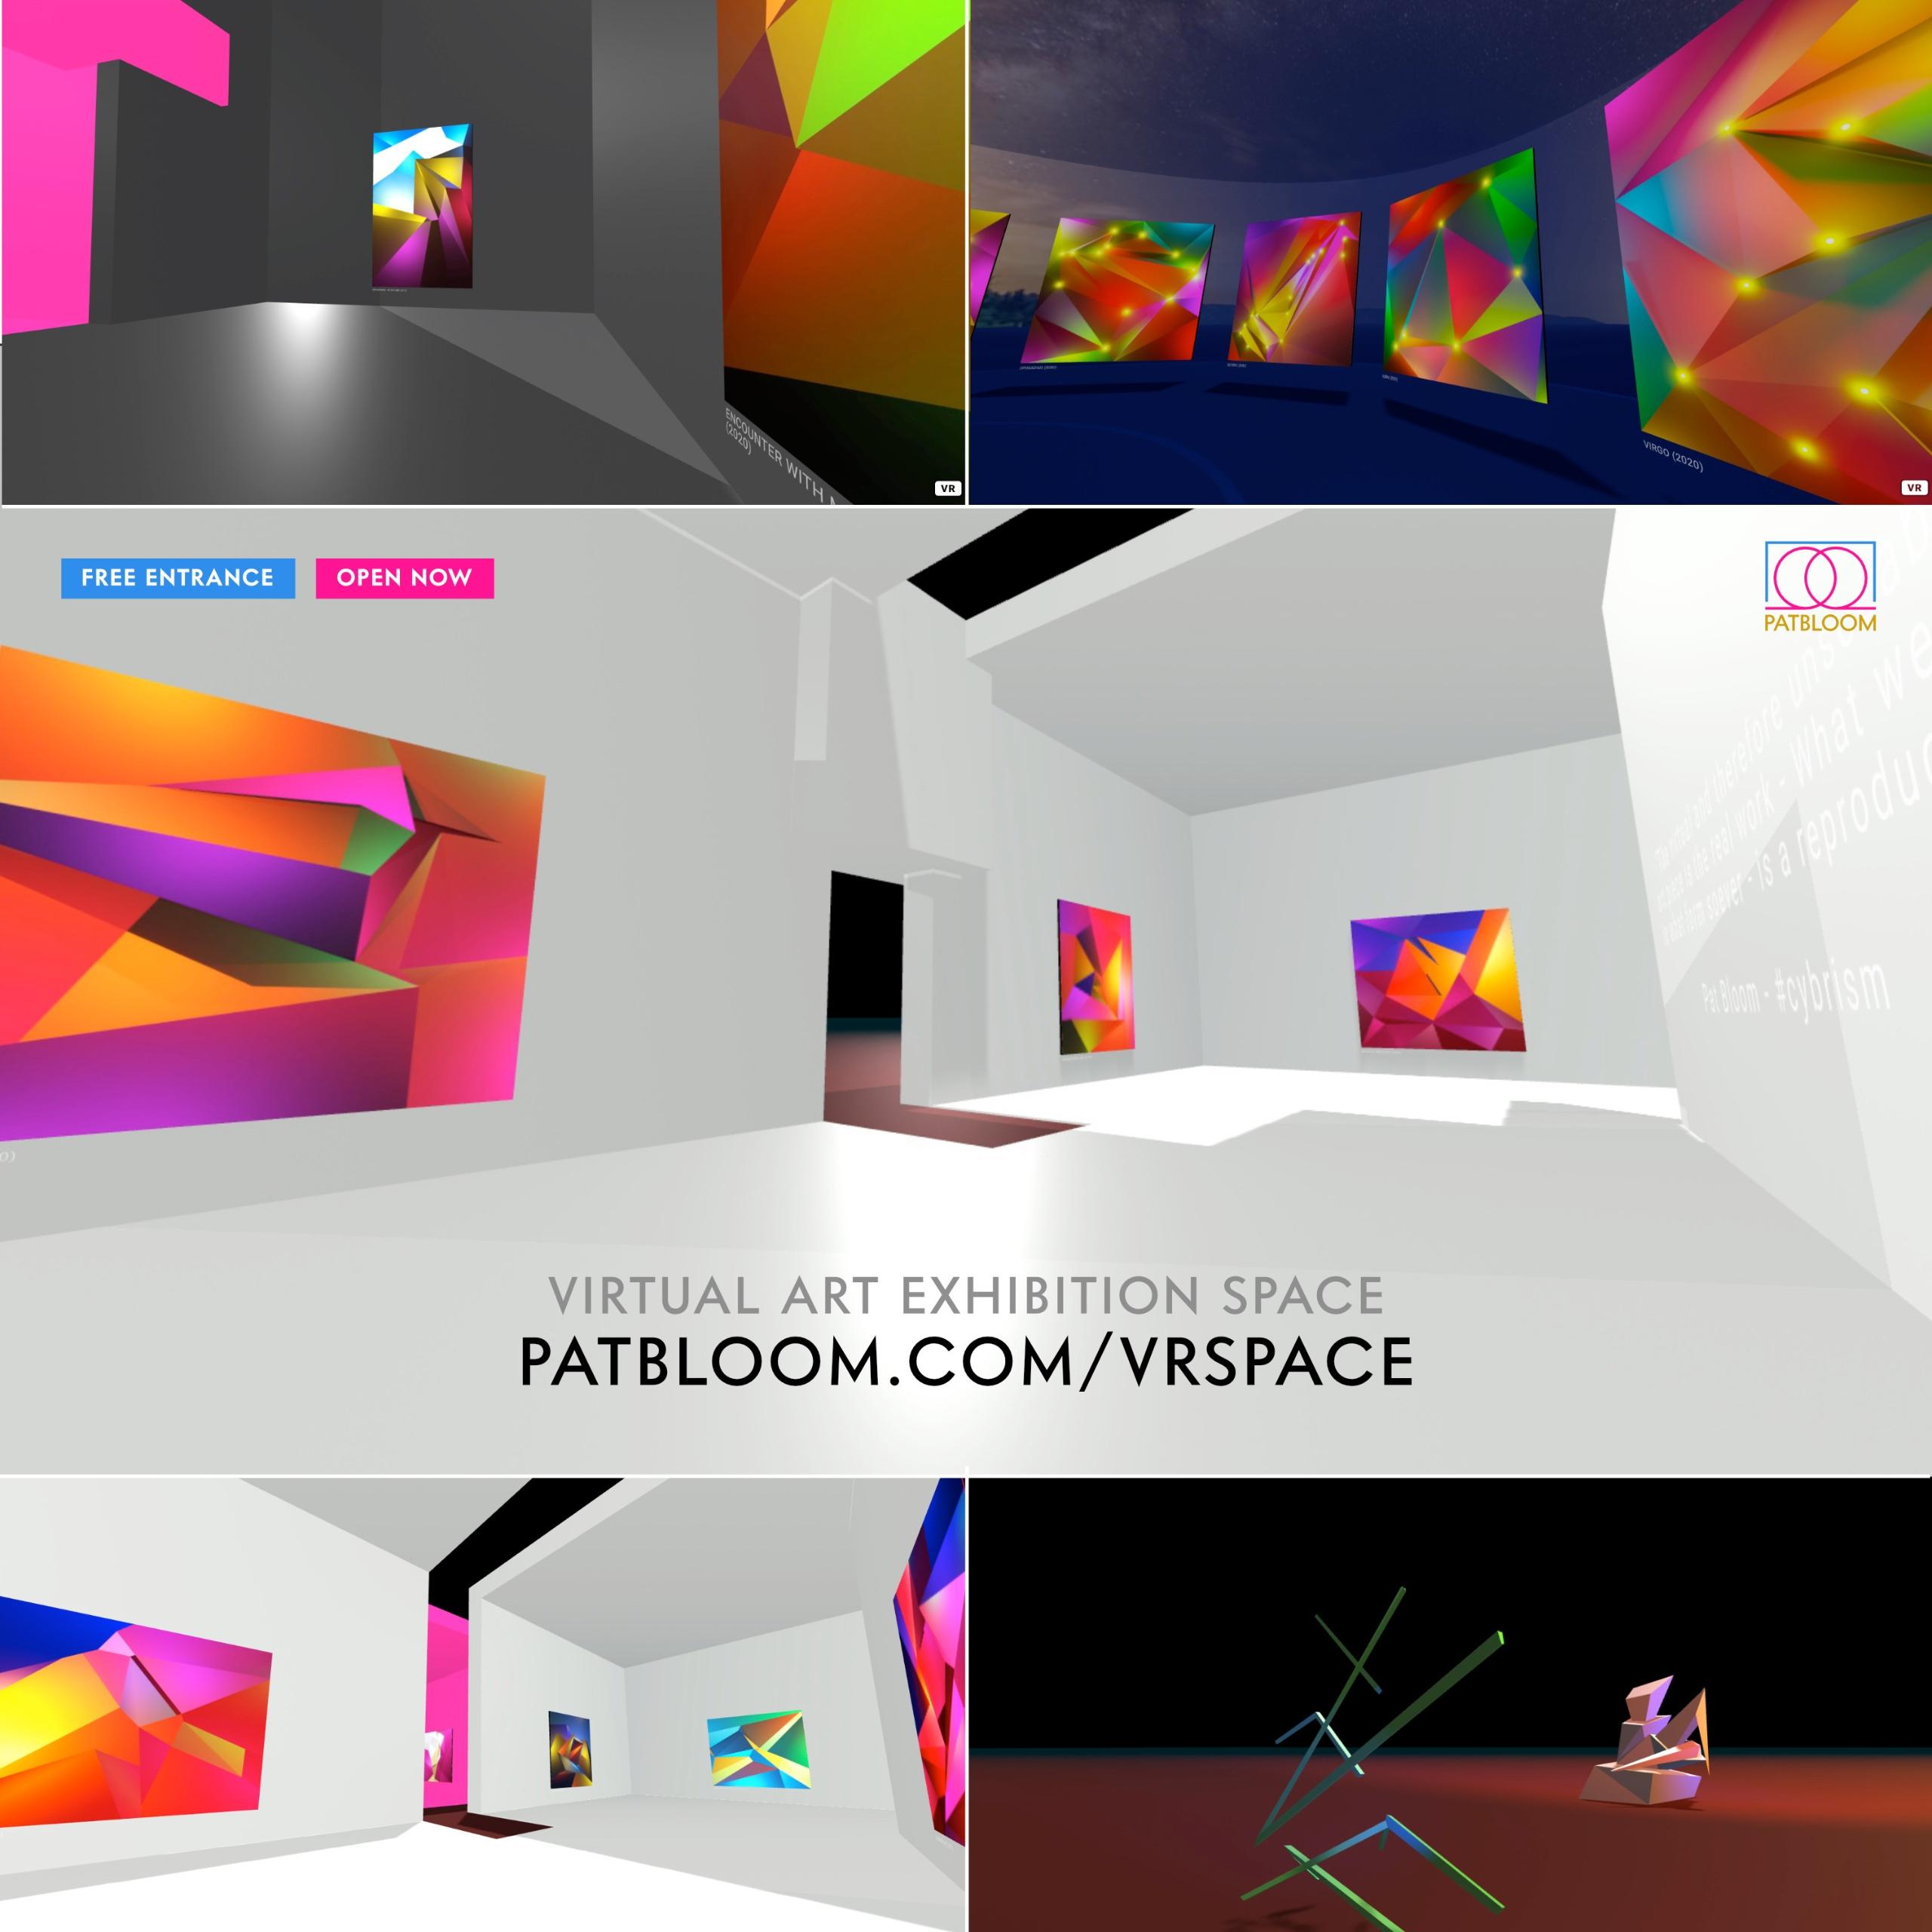 Proud announce 30 works 2020 - virtual - patblooms | ello